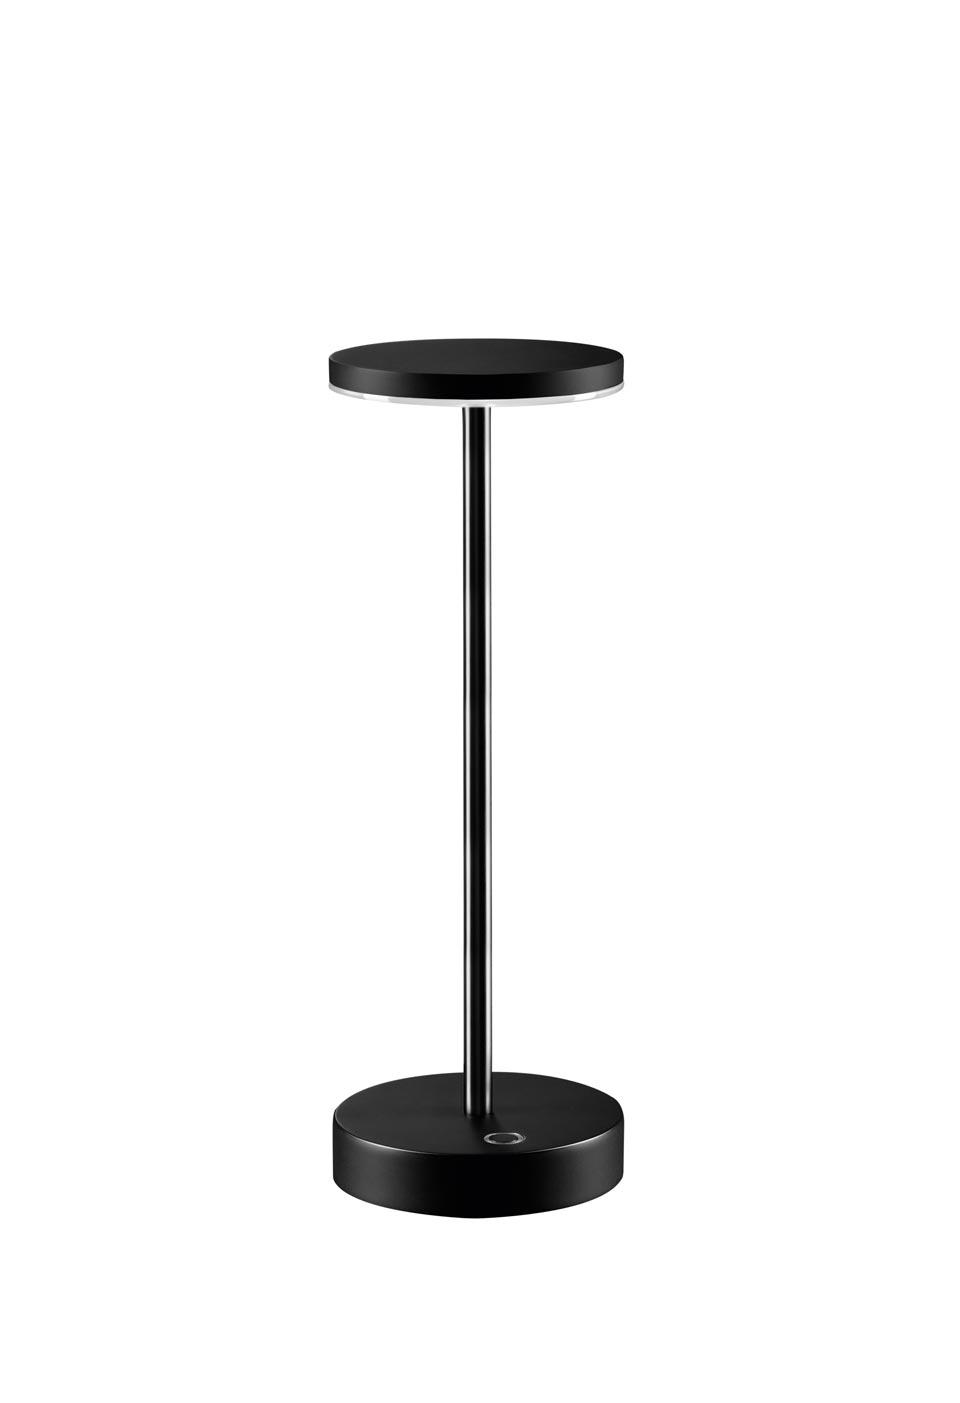 lampe de table sans fil great kartell battery led lampe de table sans fil with lampe de table. Black Bedroom Furniture Sets. Home Design Ideas